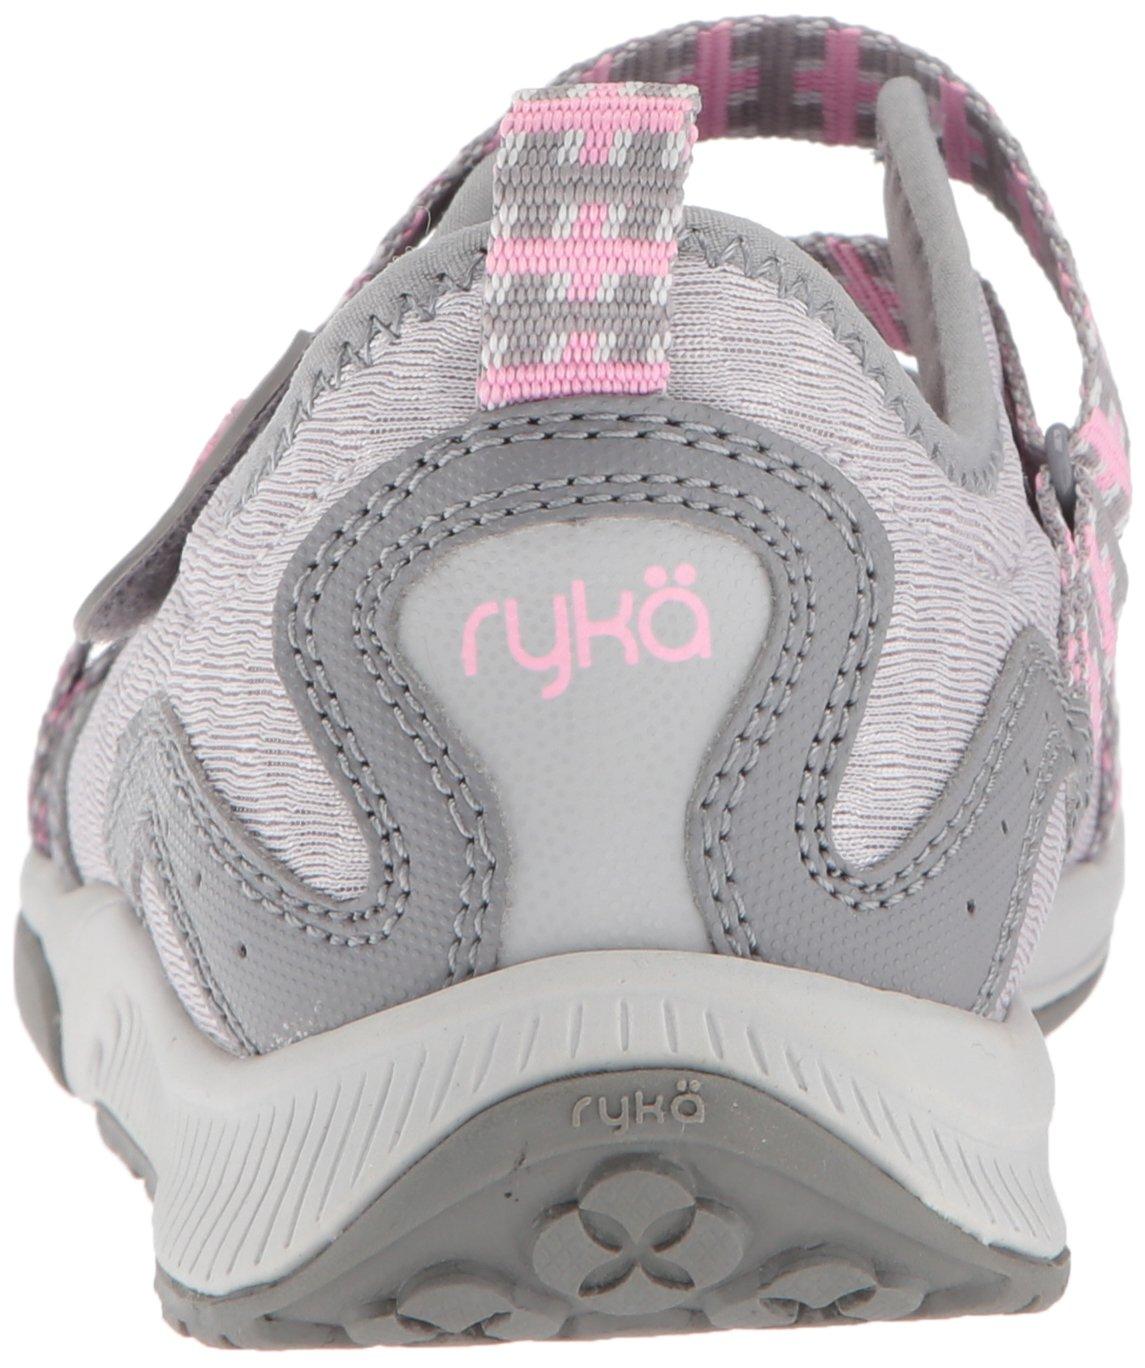 Ryka Women's Kailee Sneaker B0757NLJXR 5.5 Grey B(M) US|Frost Grey/Cotton Candy/Summer Grey 5.5 e67323